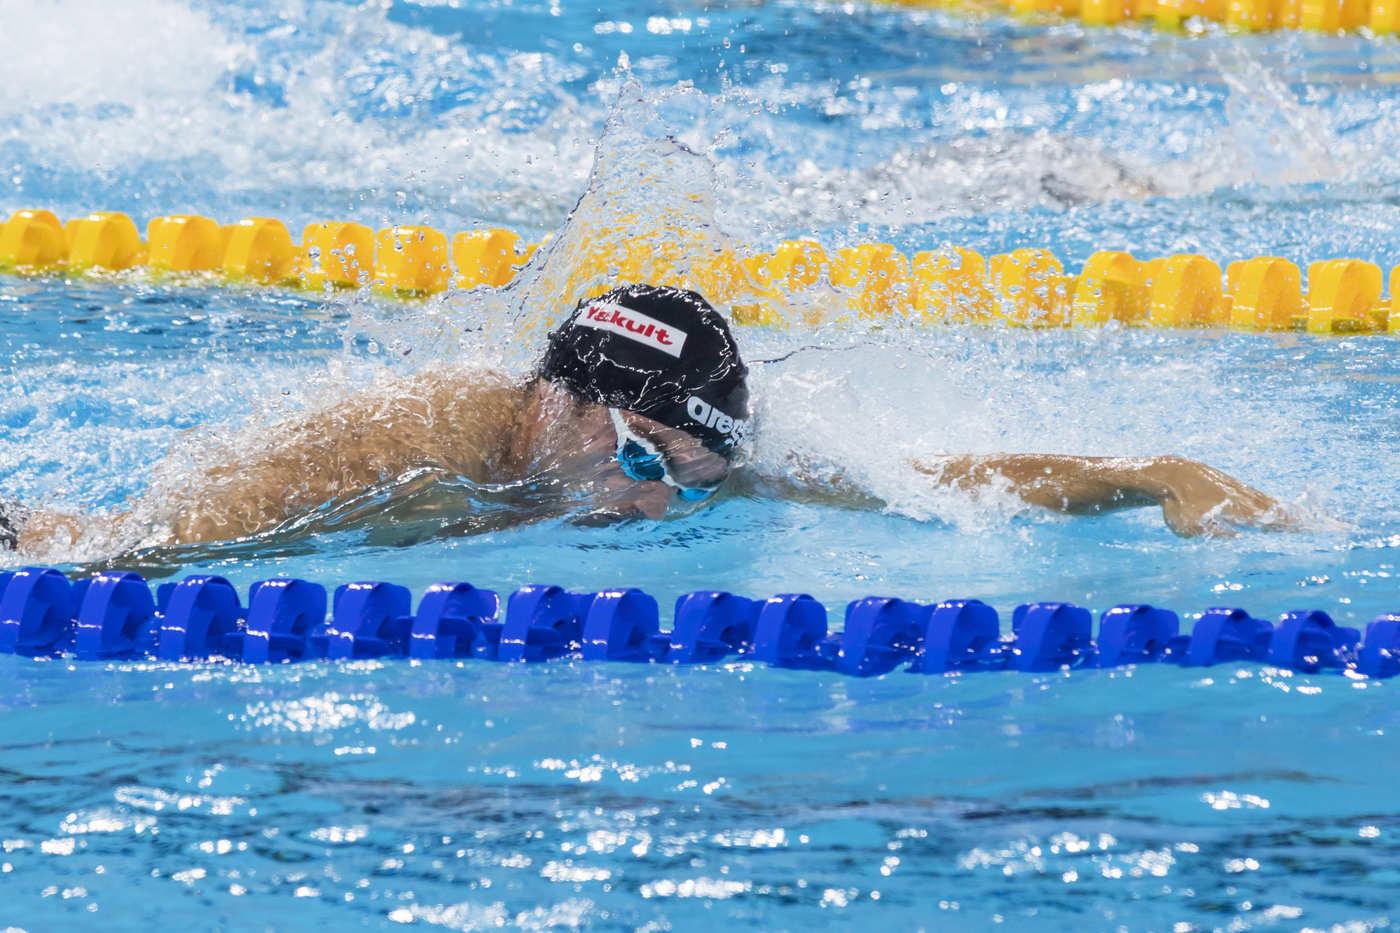 """Prima medaglia per l'Italia ai Mondiali di nuoto in vasca corta in svolgimento ad Hangzhou, in Cina. Gabriele Detti ha conquistato in rimonta il bronzo nei 400 stile libero con il tempo di 3'37""""54. Oro al lituano Danas Rapsys in 3'34""""01, argento al norvegese Henrik Christiansen (3'36""""64). Giù dal podio invece Federica Pellegrini, che nella finale dei 200 stile ha chiuso in quarta posizione (prima la Titmus con 1'51""""38, seconda la Comerford, terza la Heemnskerk)."""